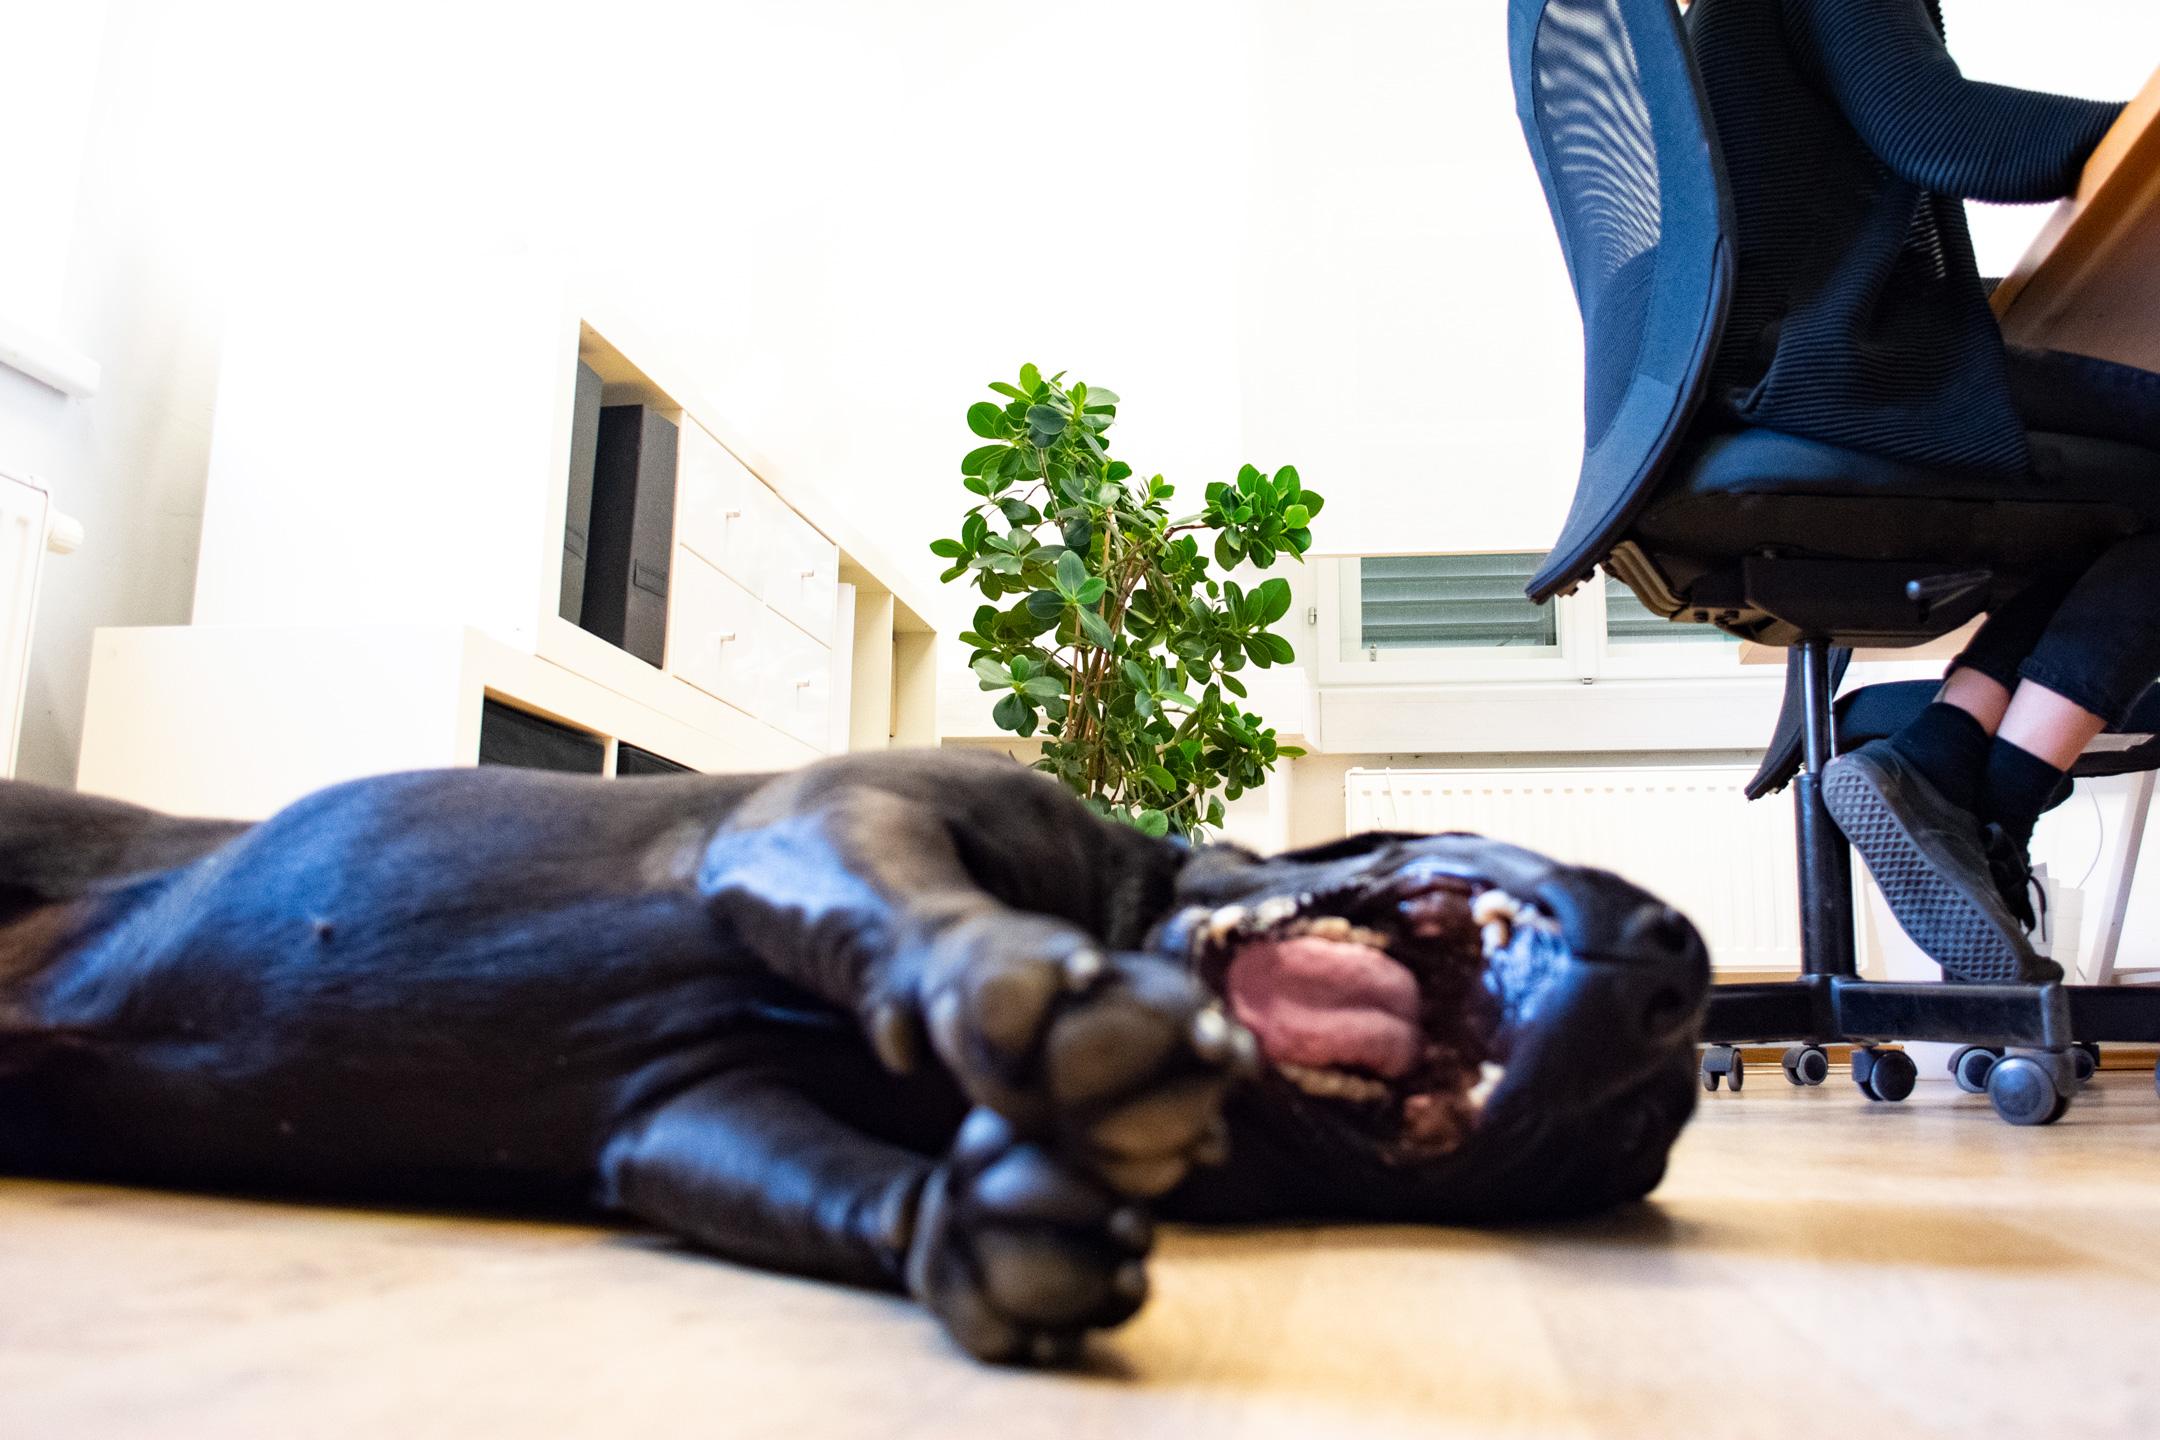 Hund am Boden gähnt